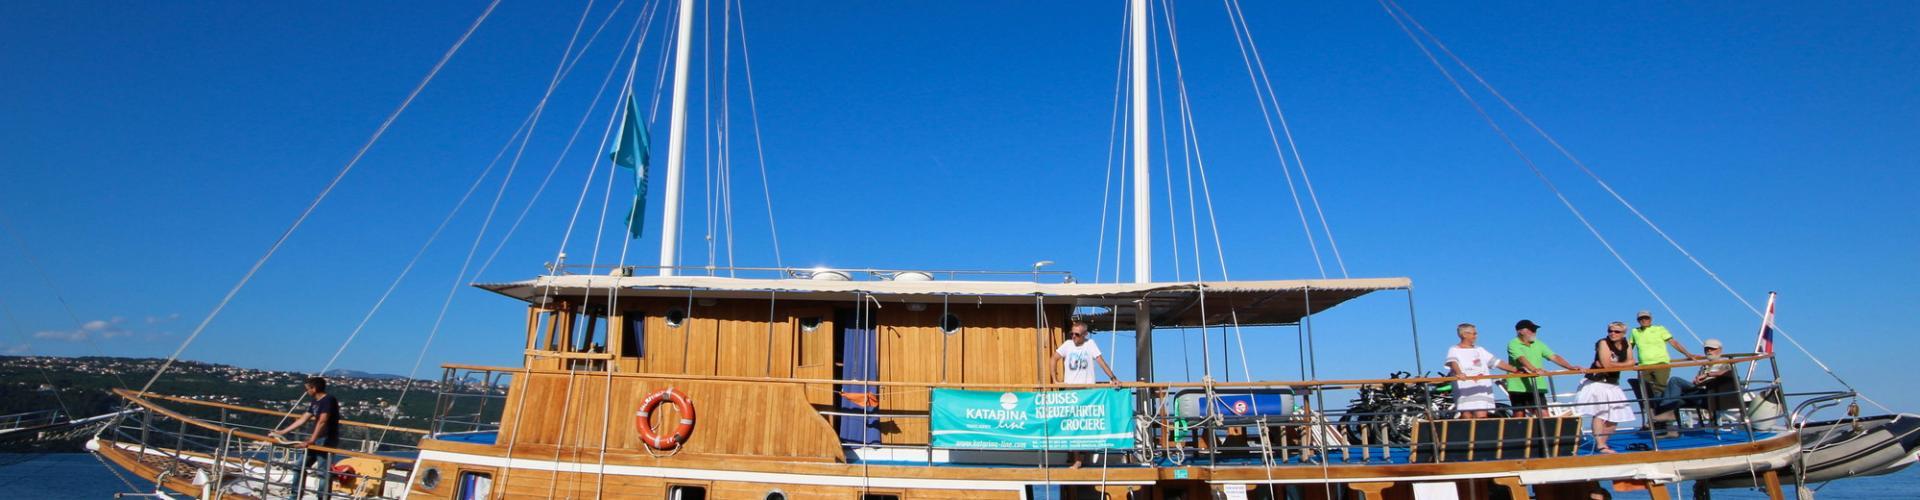 Nave da crociera tradizionale Dalmatinka- motoveliero in legno